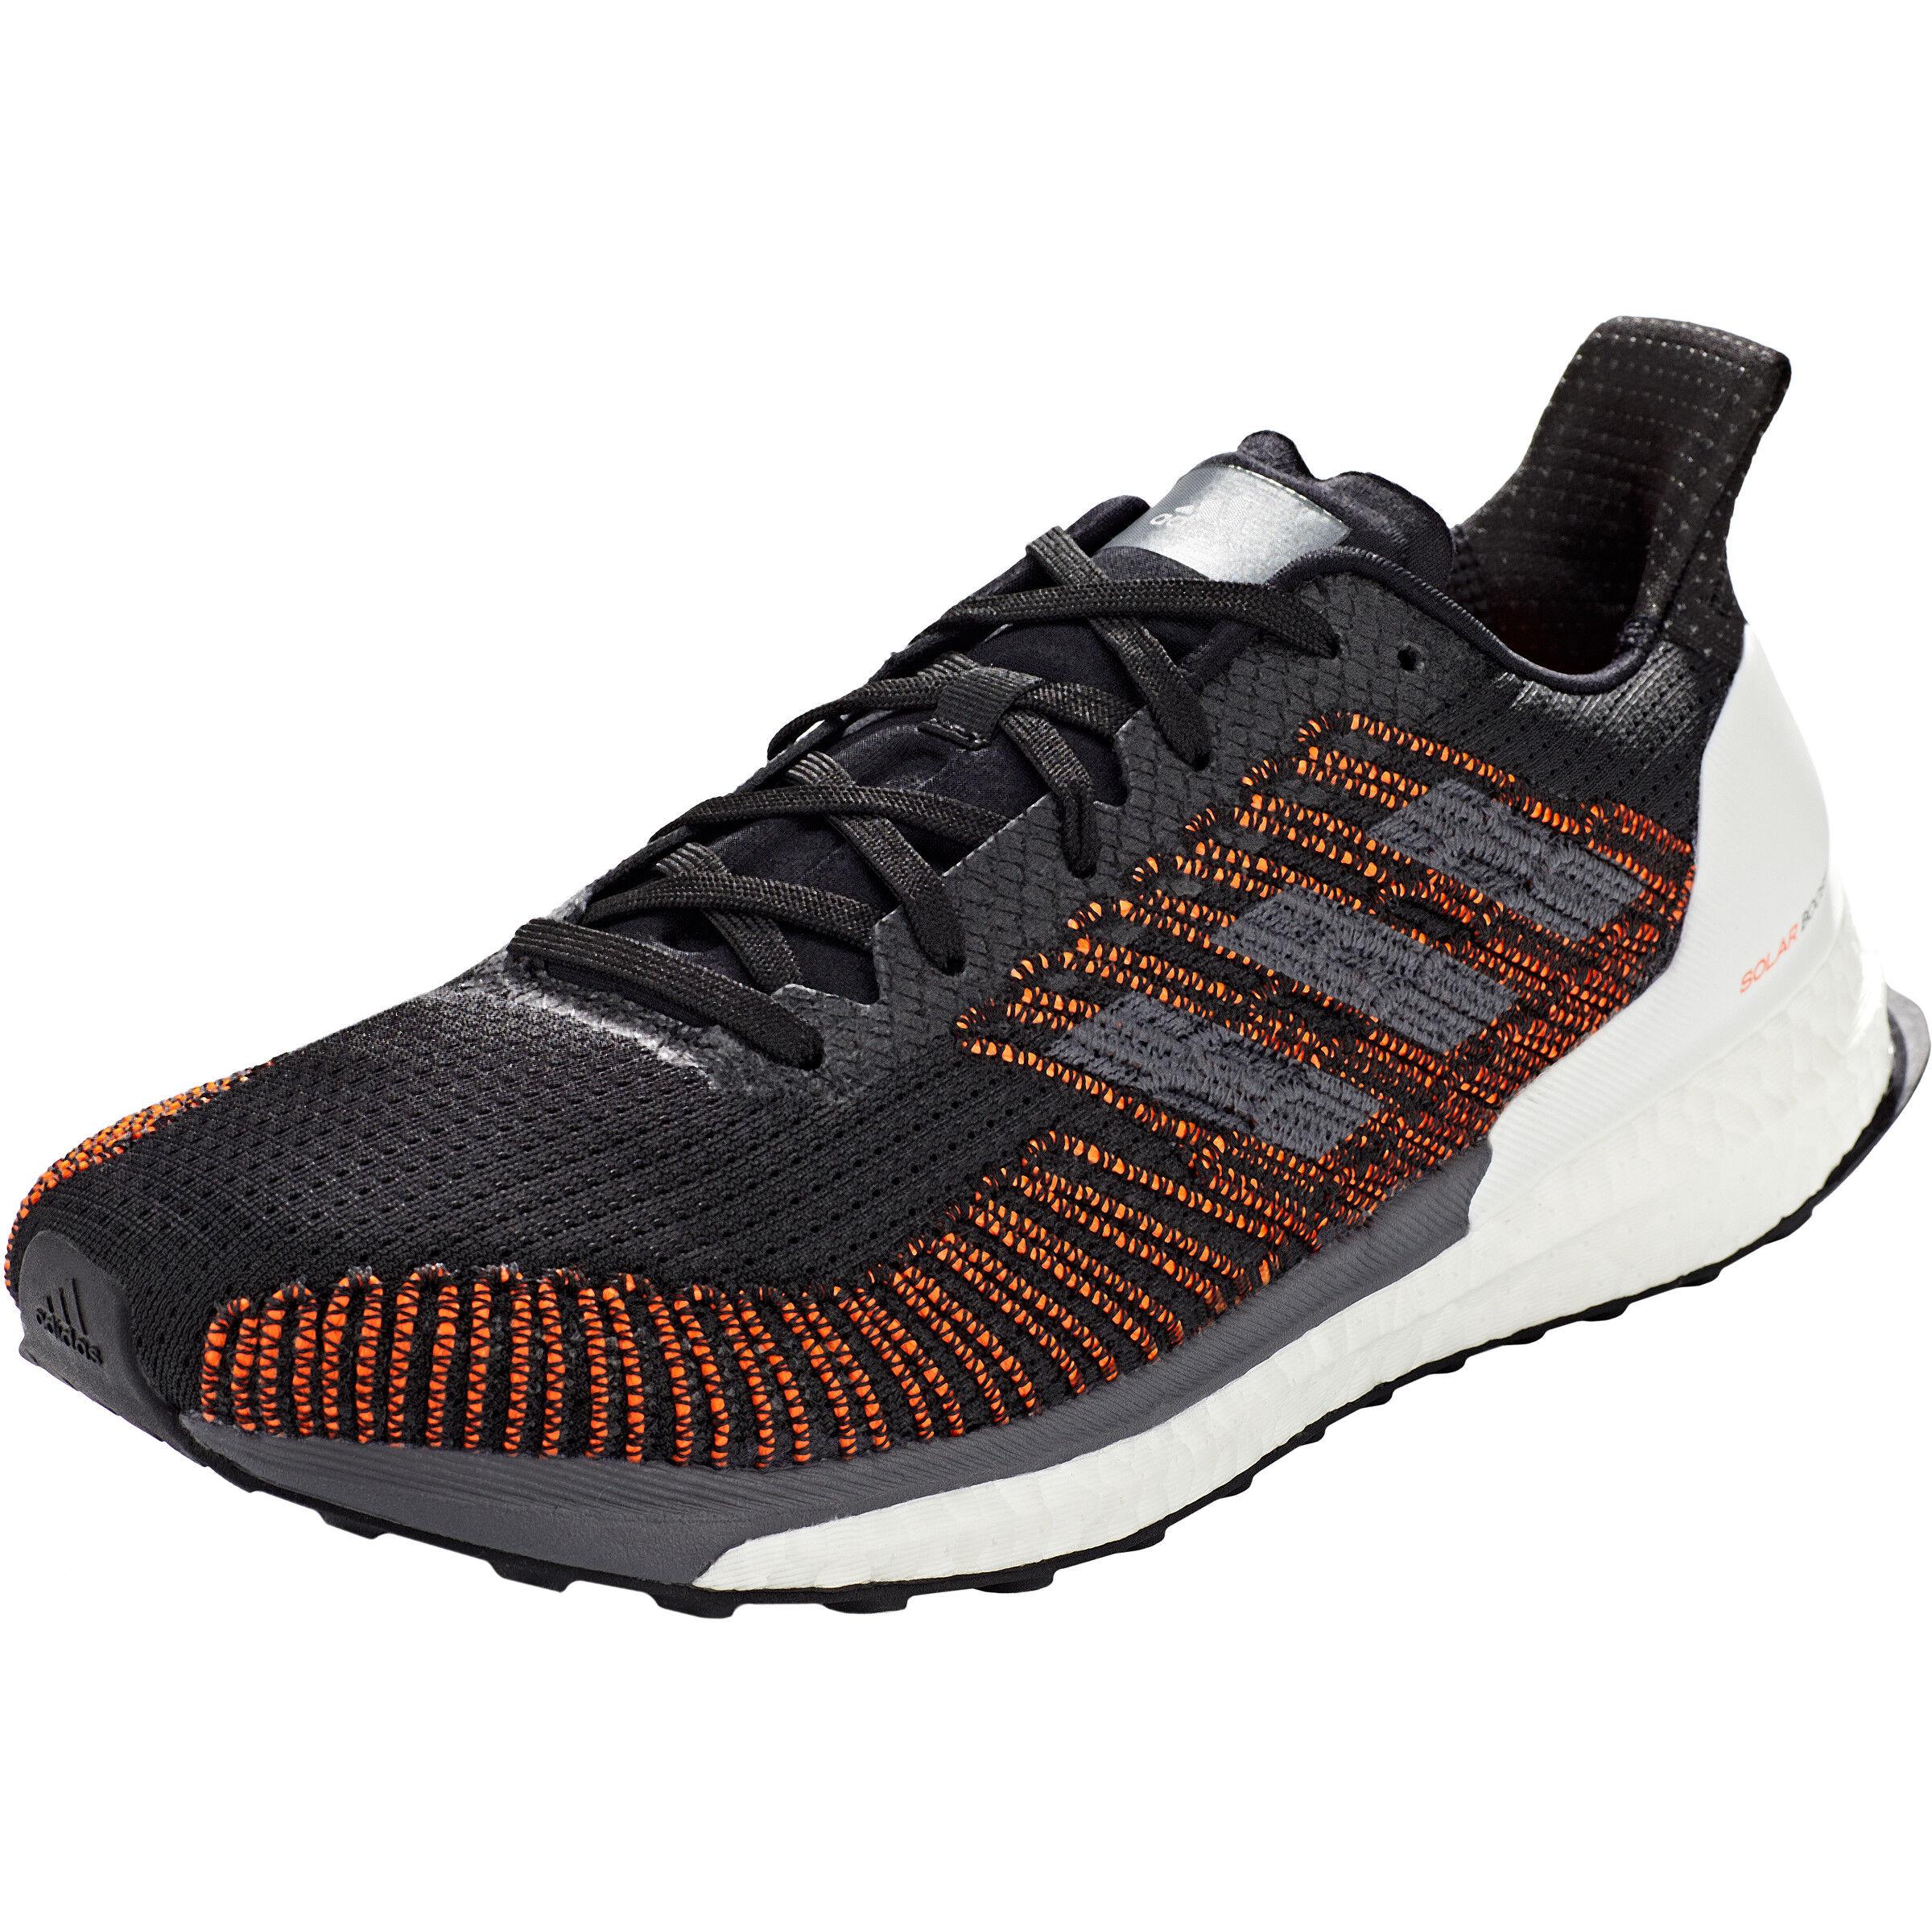 adidas Solar Boost ST 19 Low Cut Schuhe Herren core blackgrey fivesolar orange